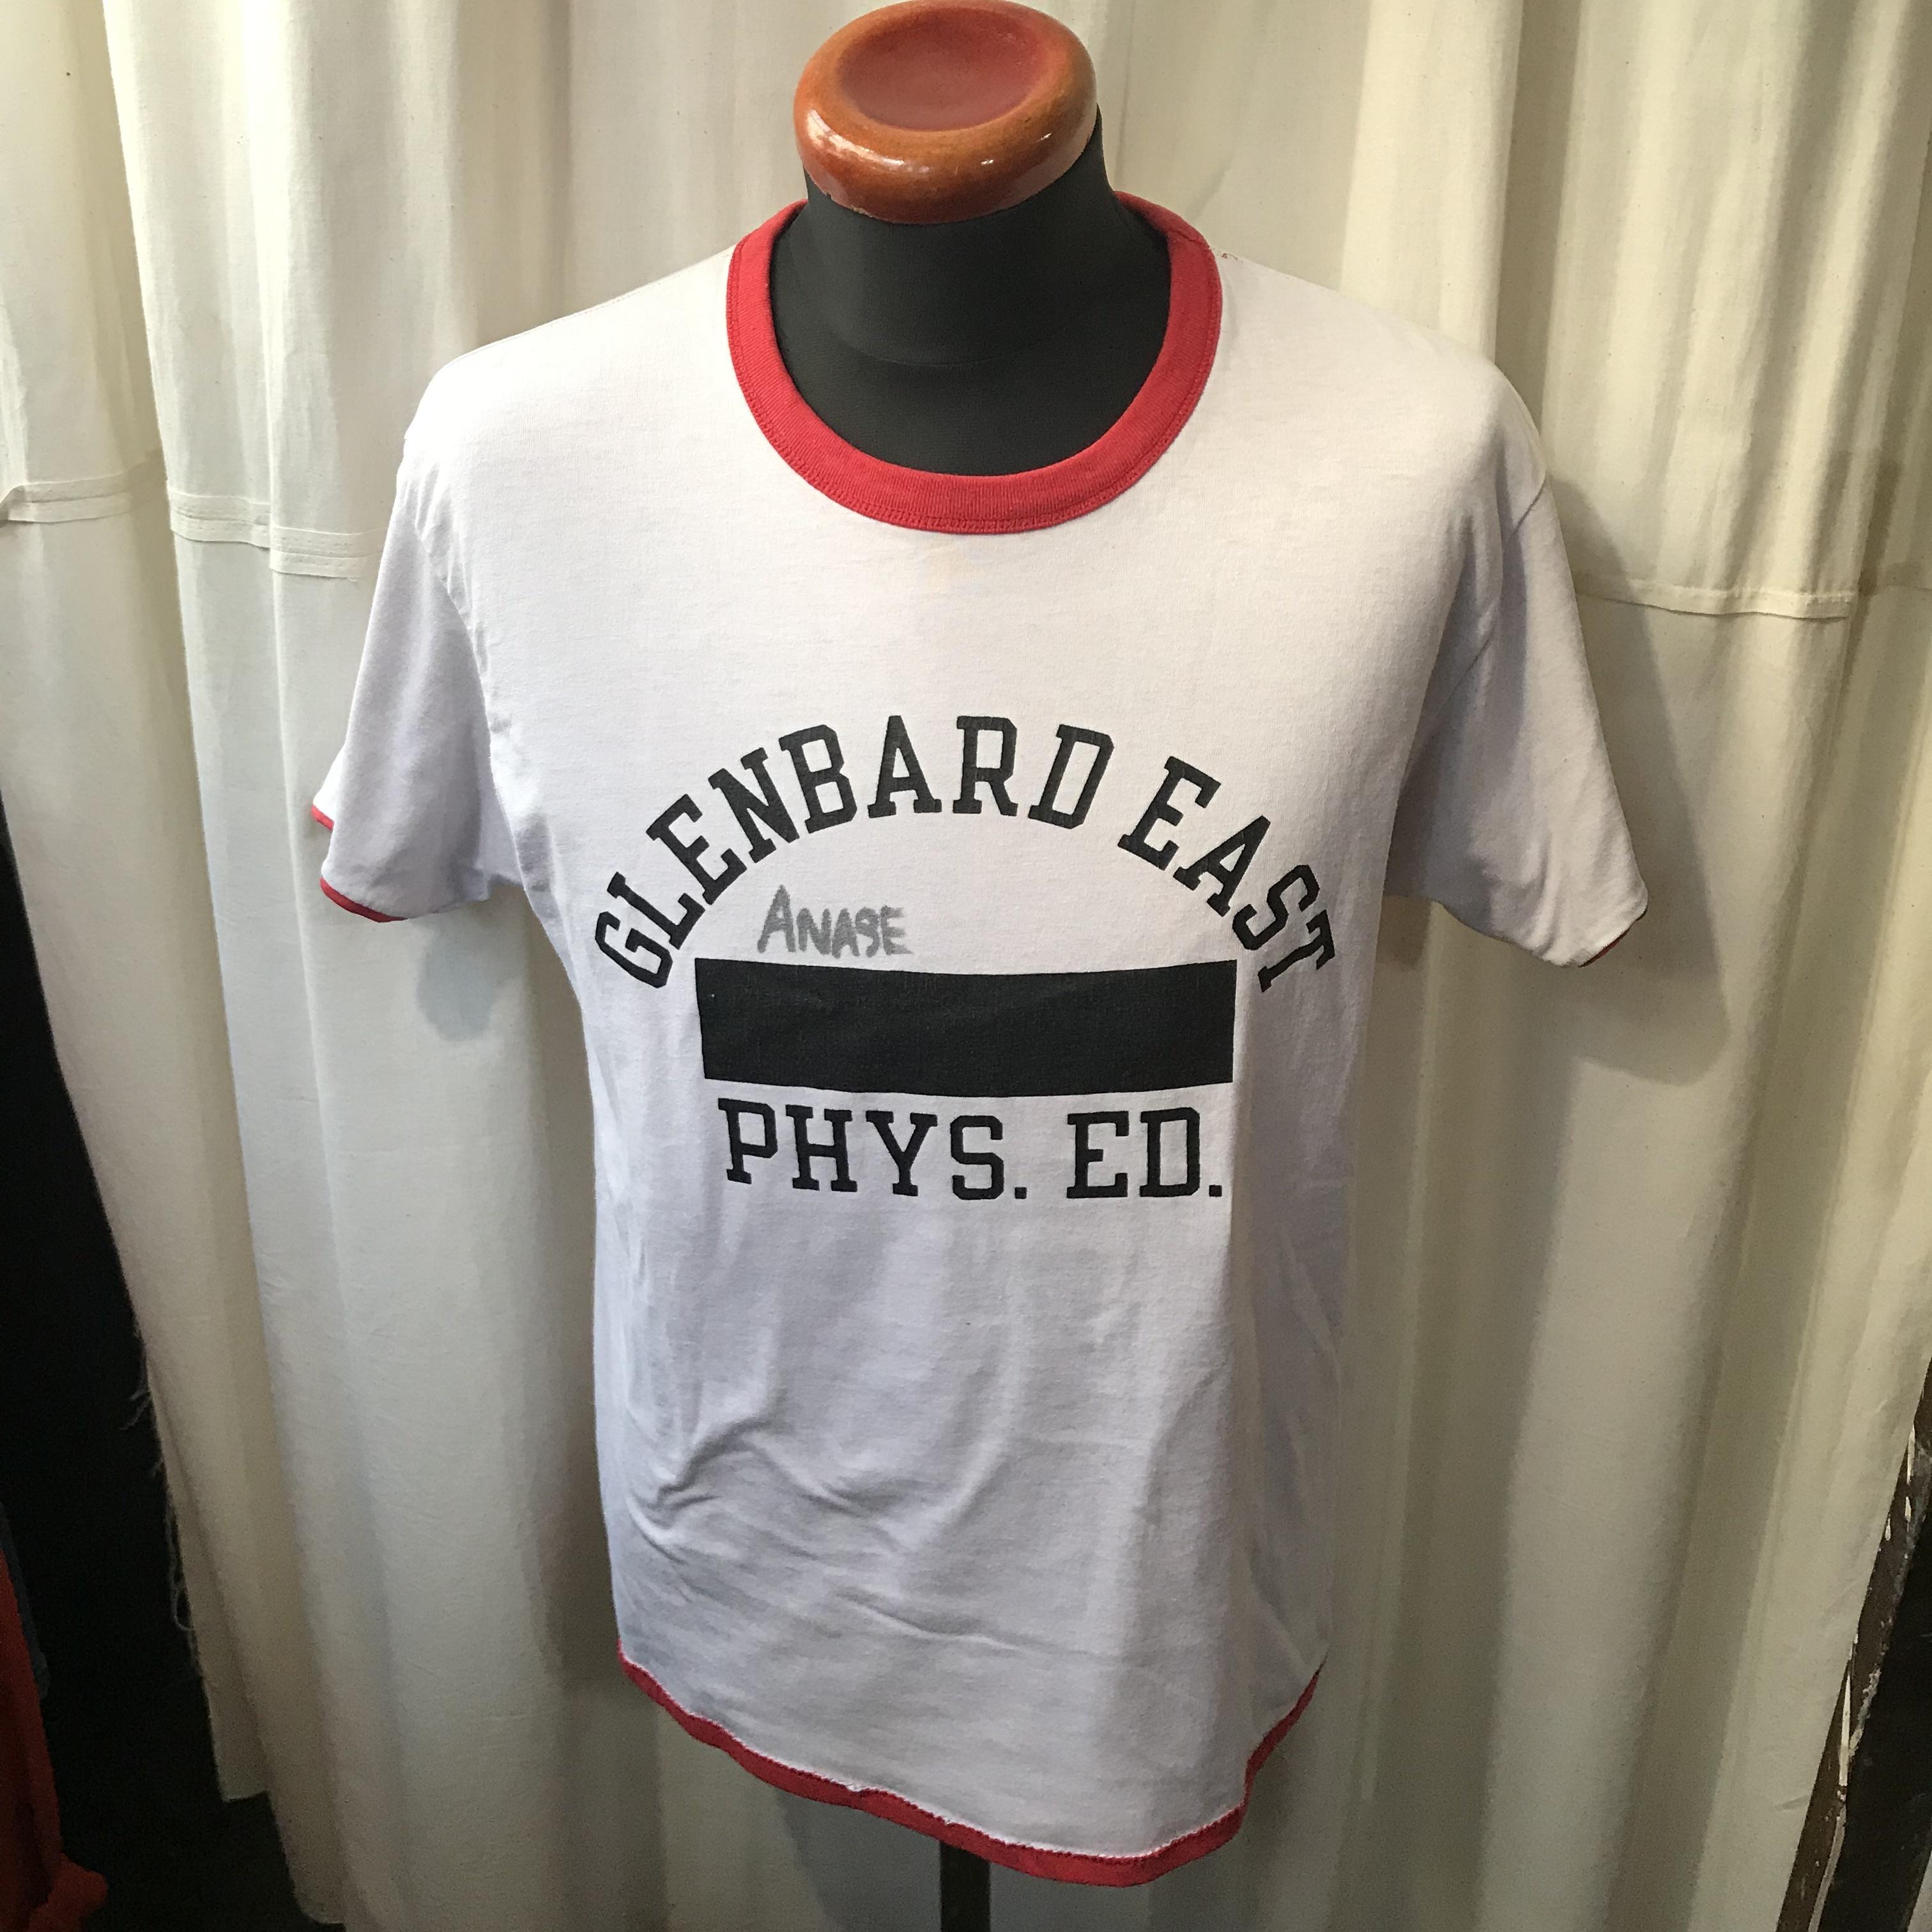 ダブルフェイスリバーシブル半袖Tシャツ メンズM